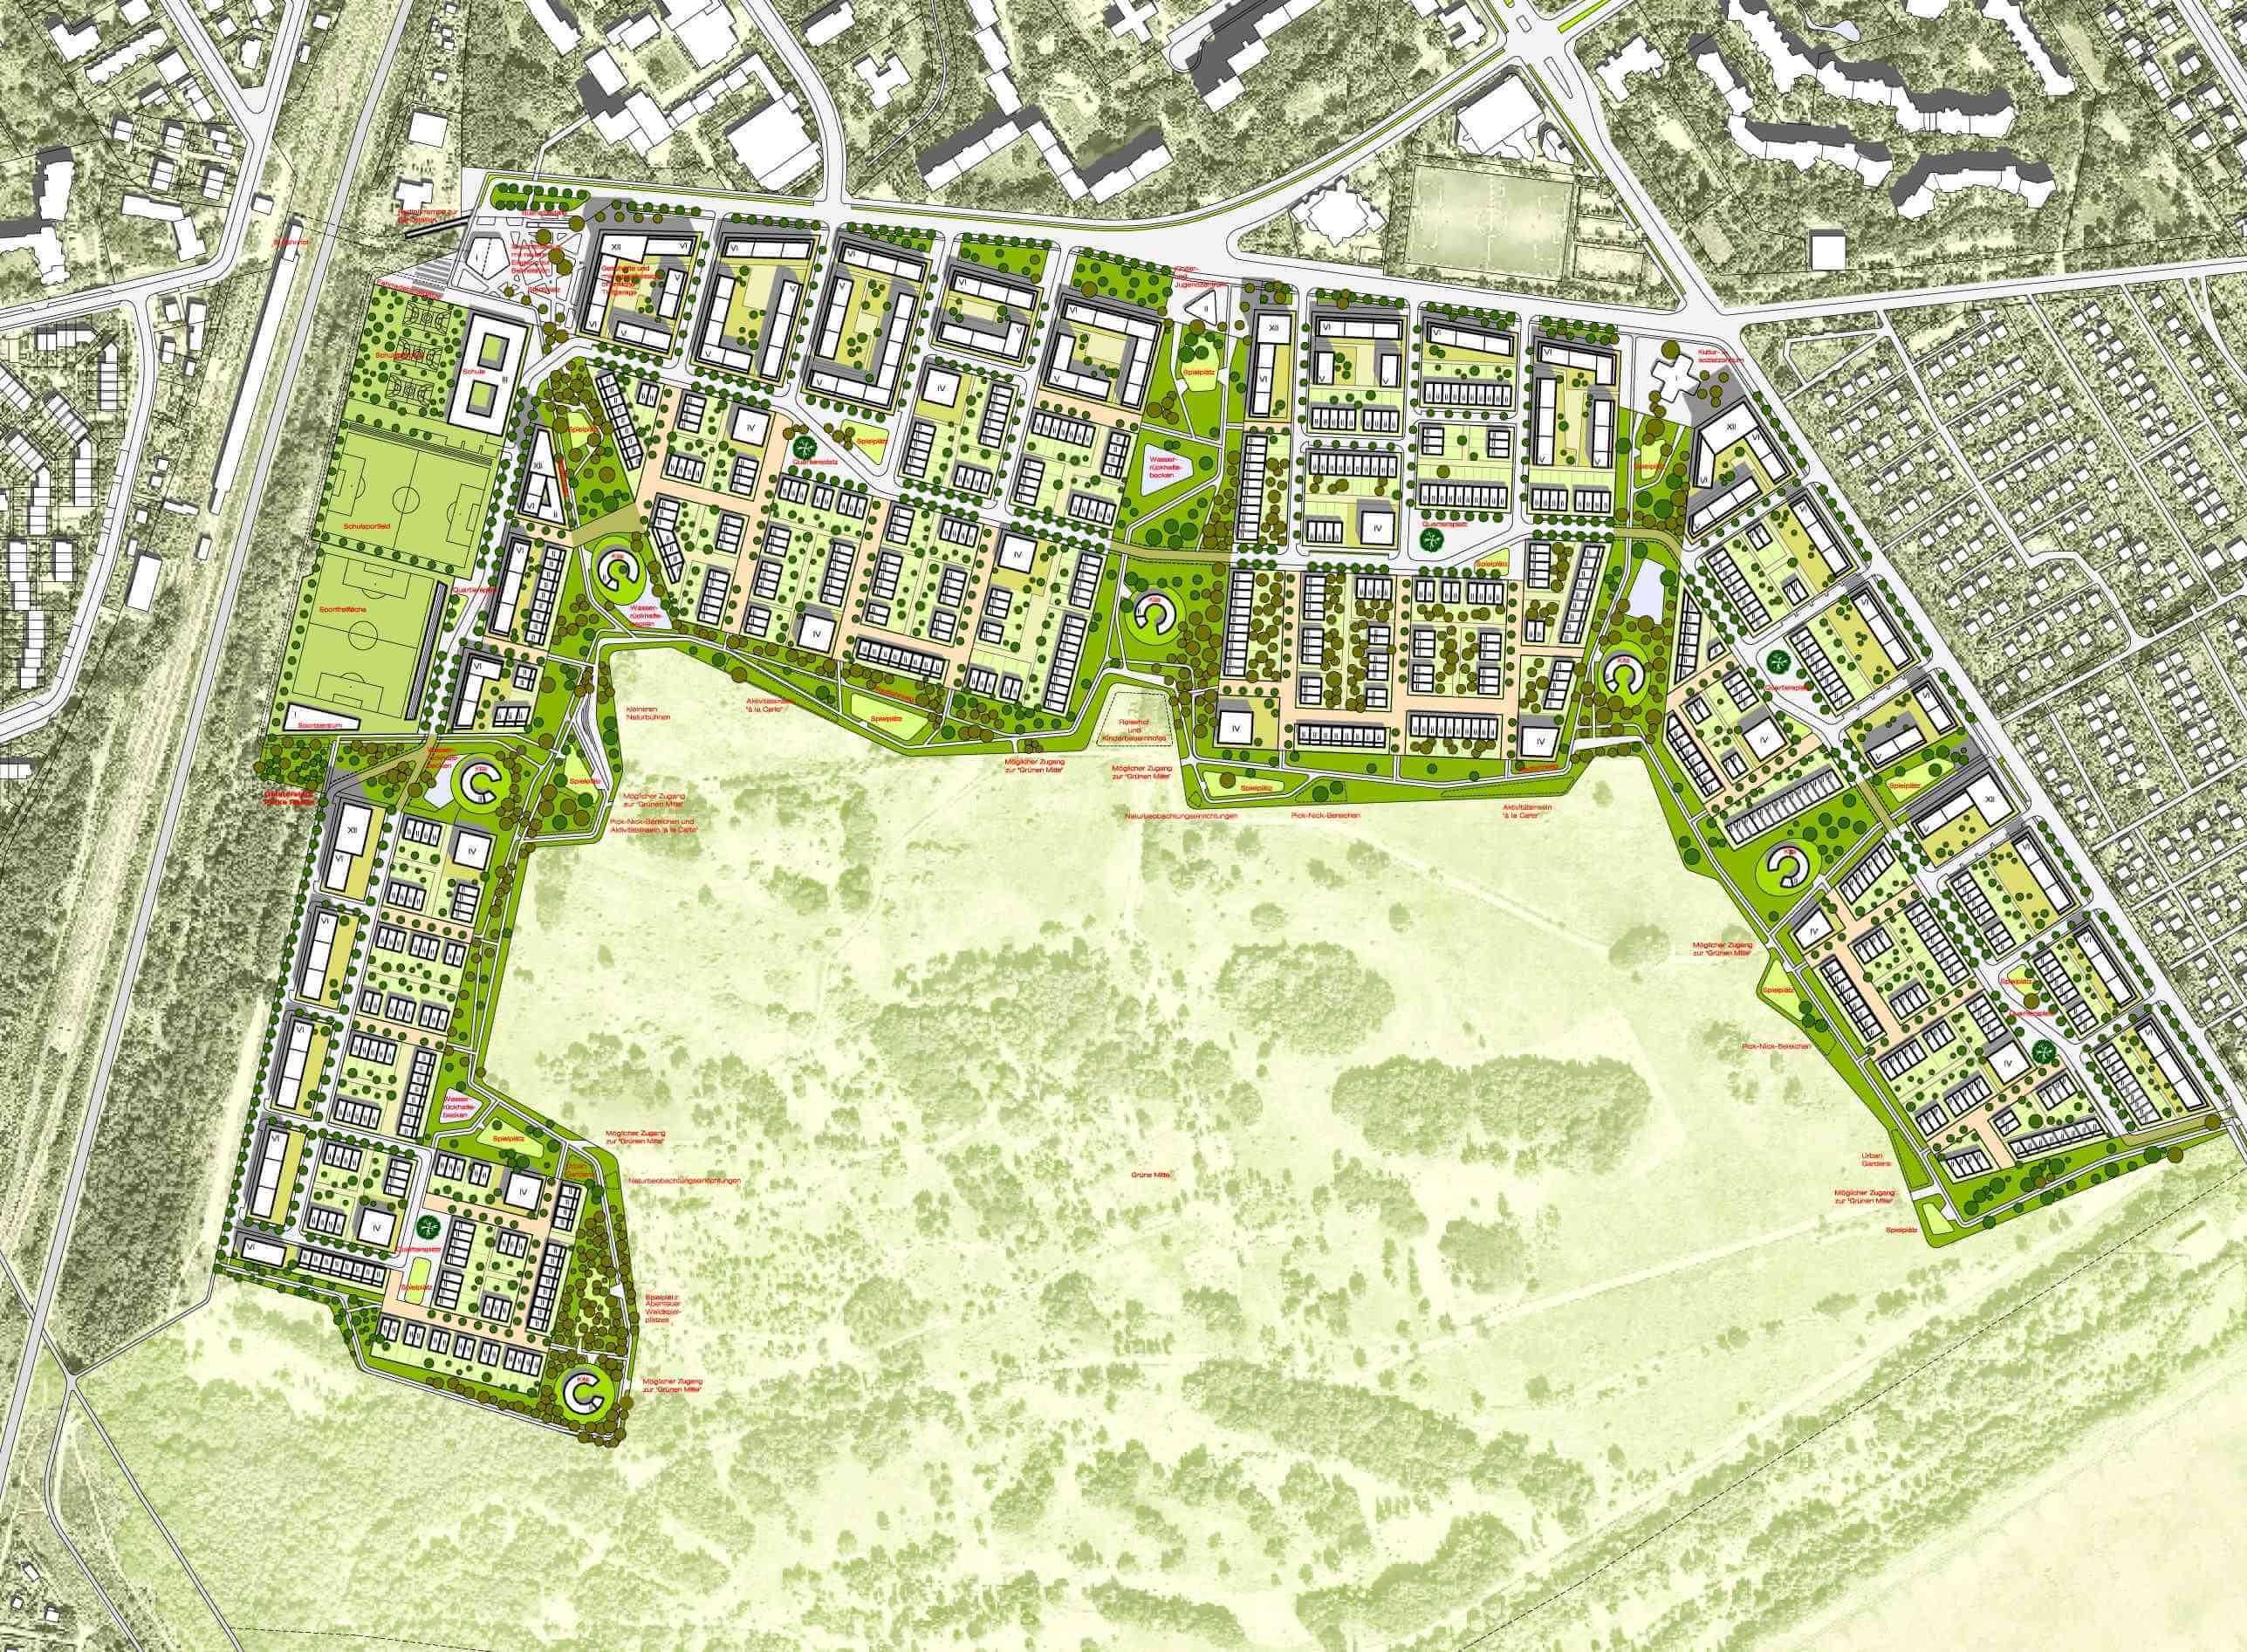 Synthese zwischen Naturerlebnis und Wohnbebauung: Groth Gruppe und Bezirksamt stellen Masterplan für Parks Range vor